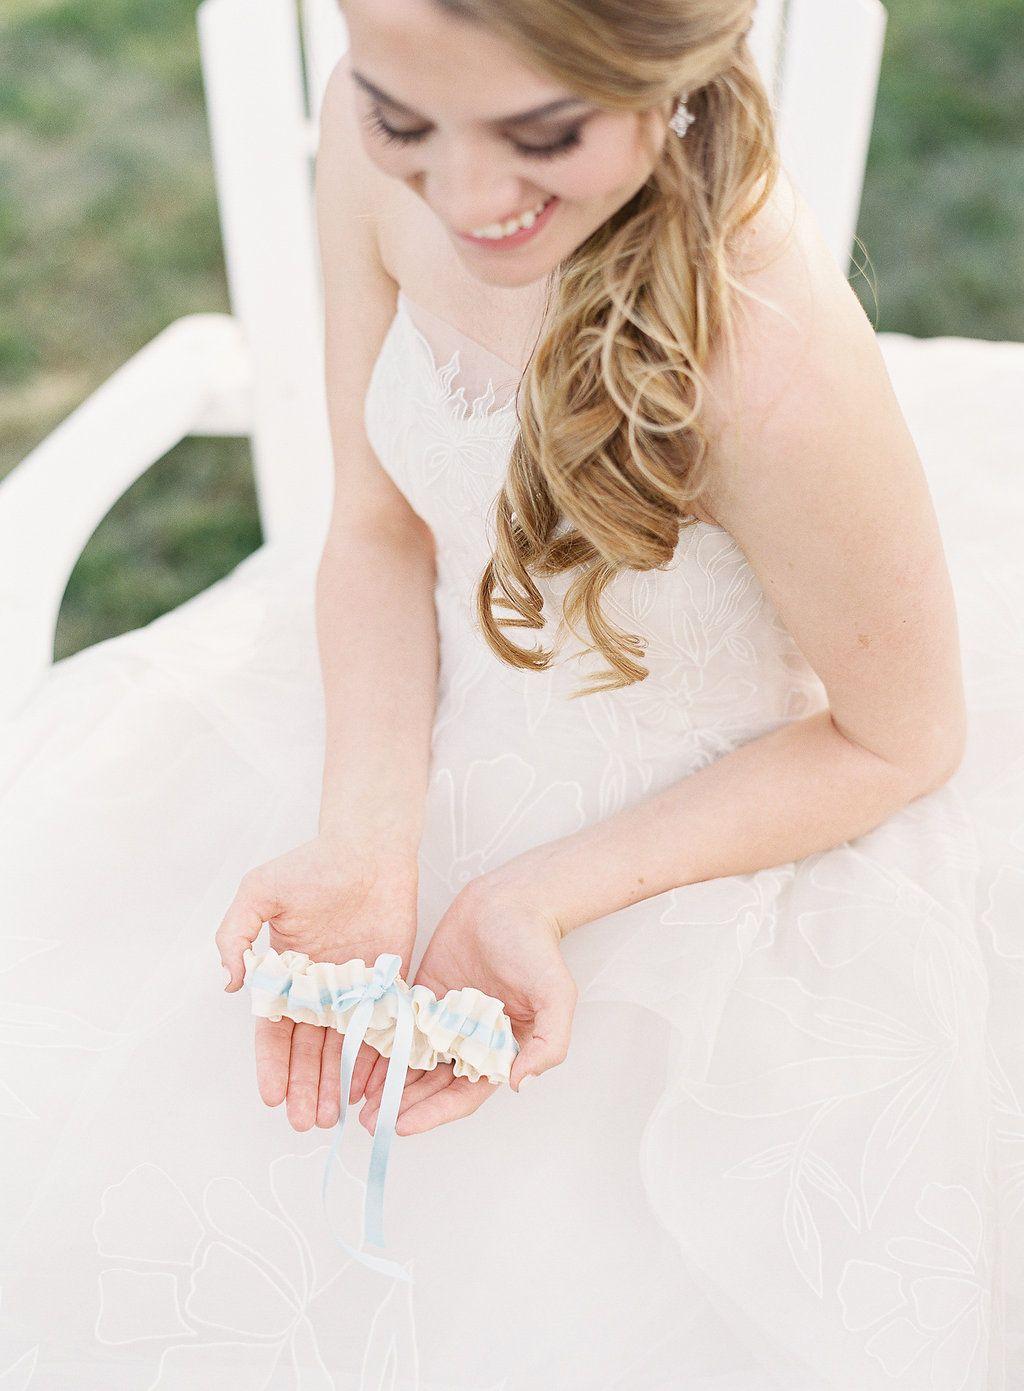 Custom wedding garters the garter girl provides handmade heirloom